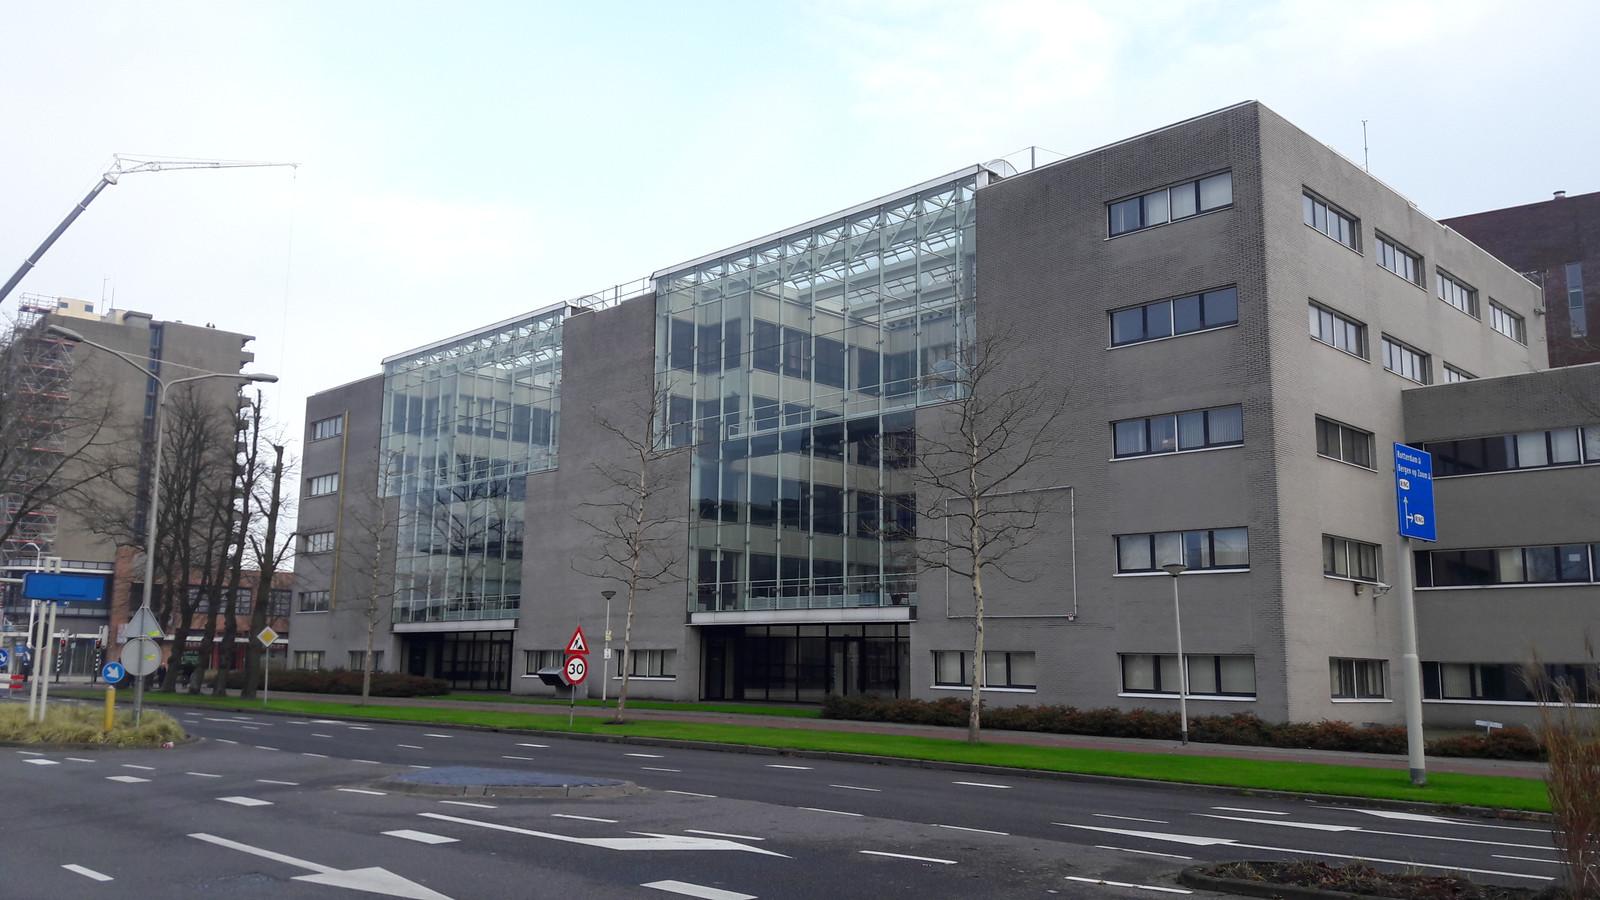 Het voormalige Belastingkantoor in Roosendaal staat sinds vorig jaar leeg. In maart begint de verbouwing tot school.